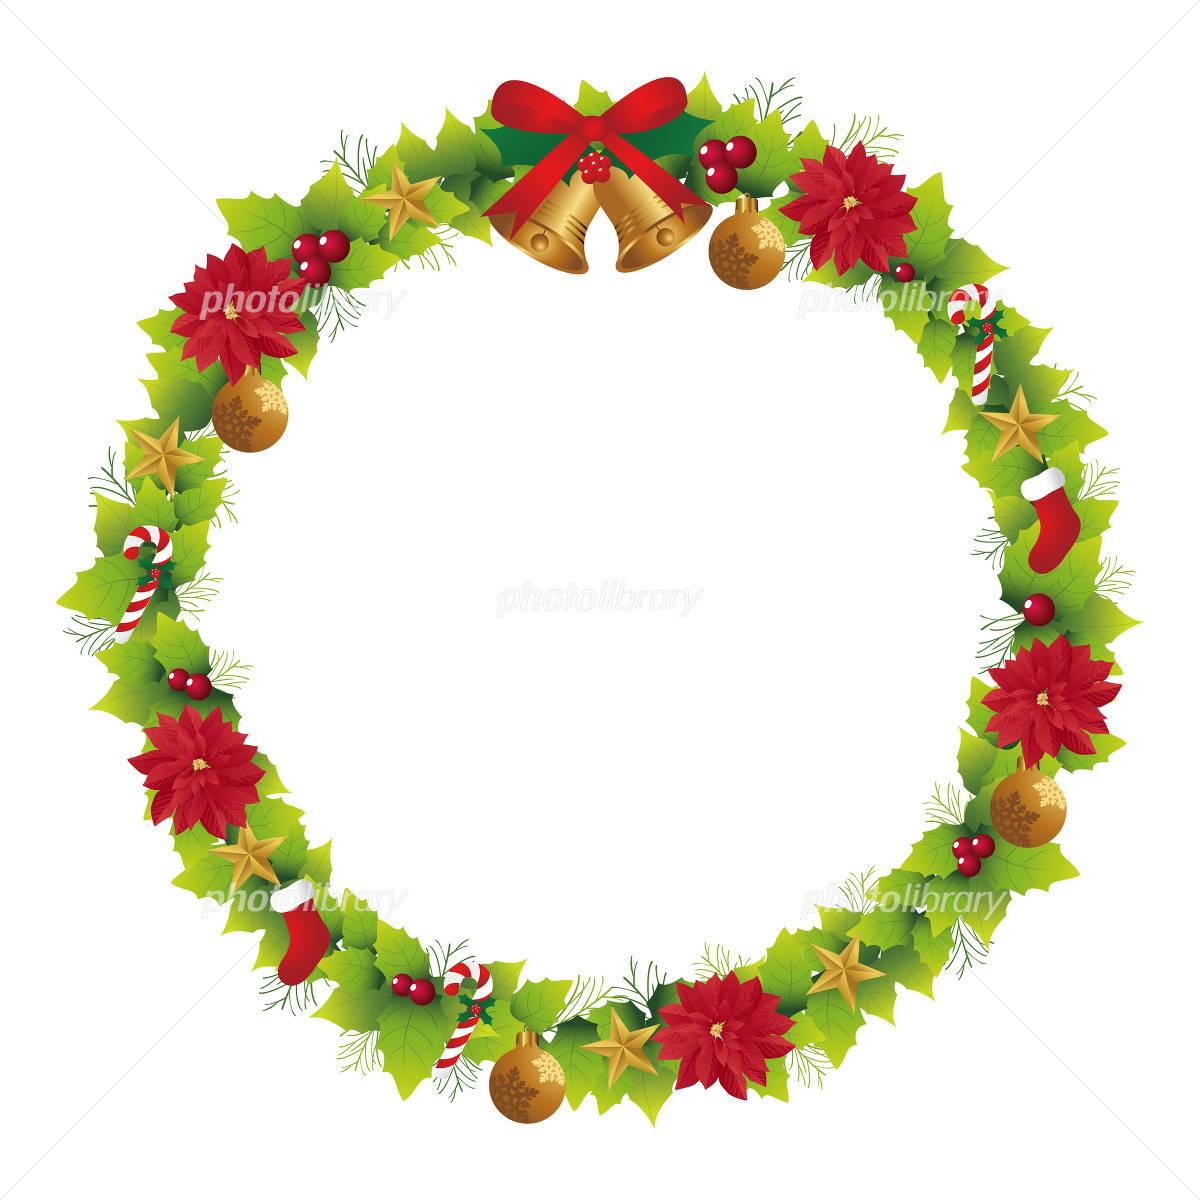 クリスマス リース フレーム イラスト素材 1700181 フォトライブ